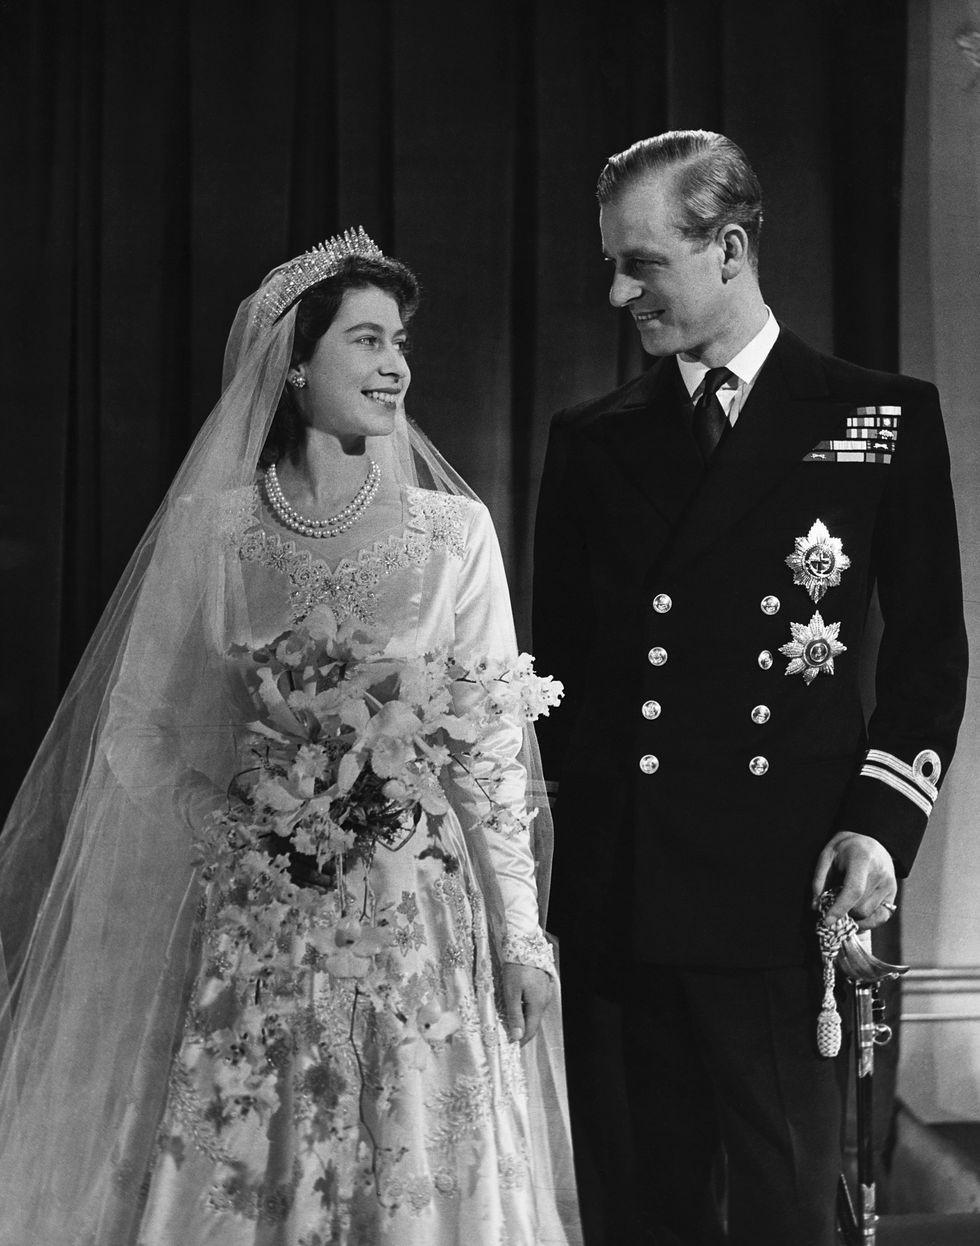 Xem 25 bức ảnh chân dung của Hoàng gia Anh, bạn sẽ hiểu thêm về 8 thế hệ của gia đình quyền lực này - Ảnh 8.